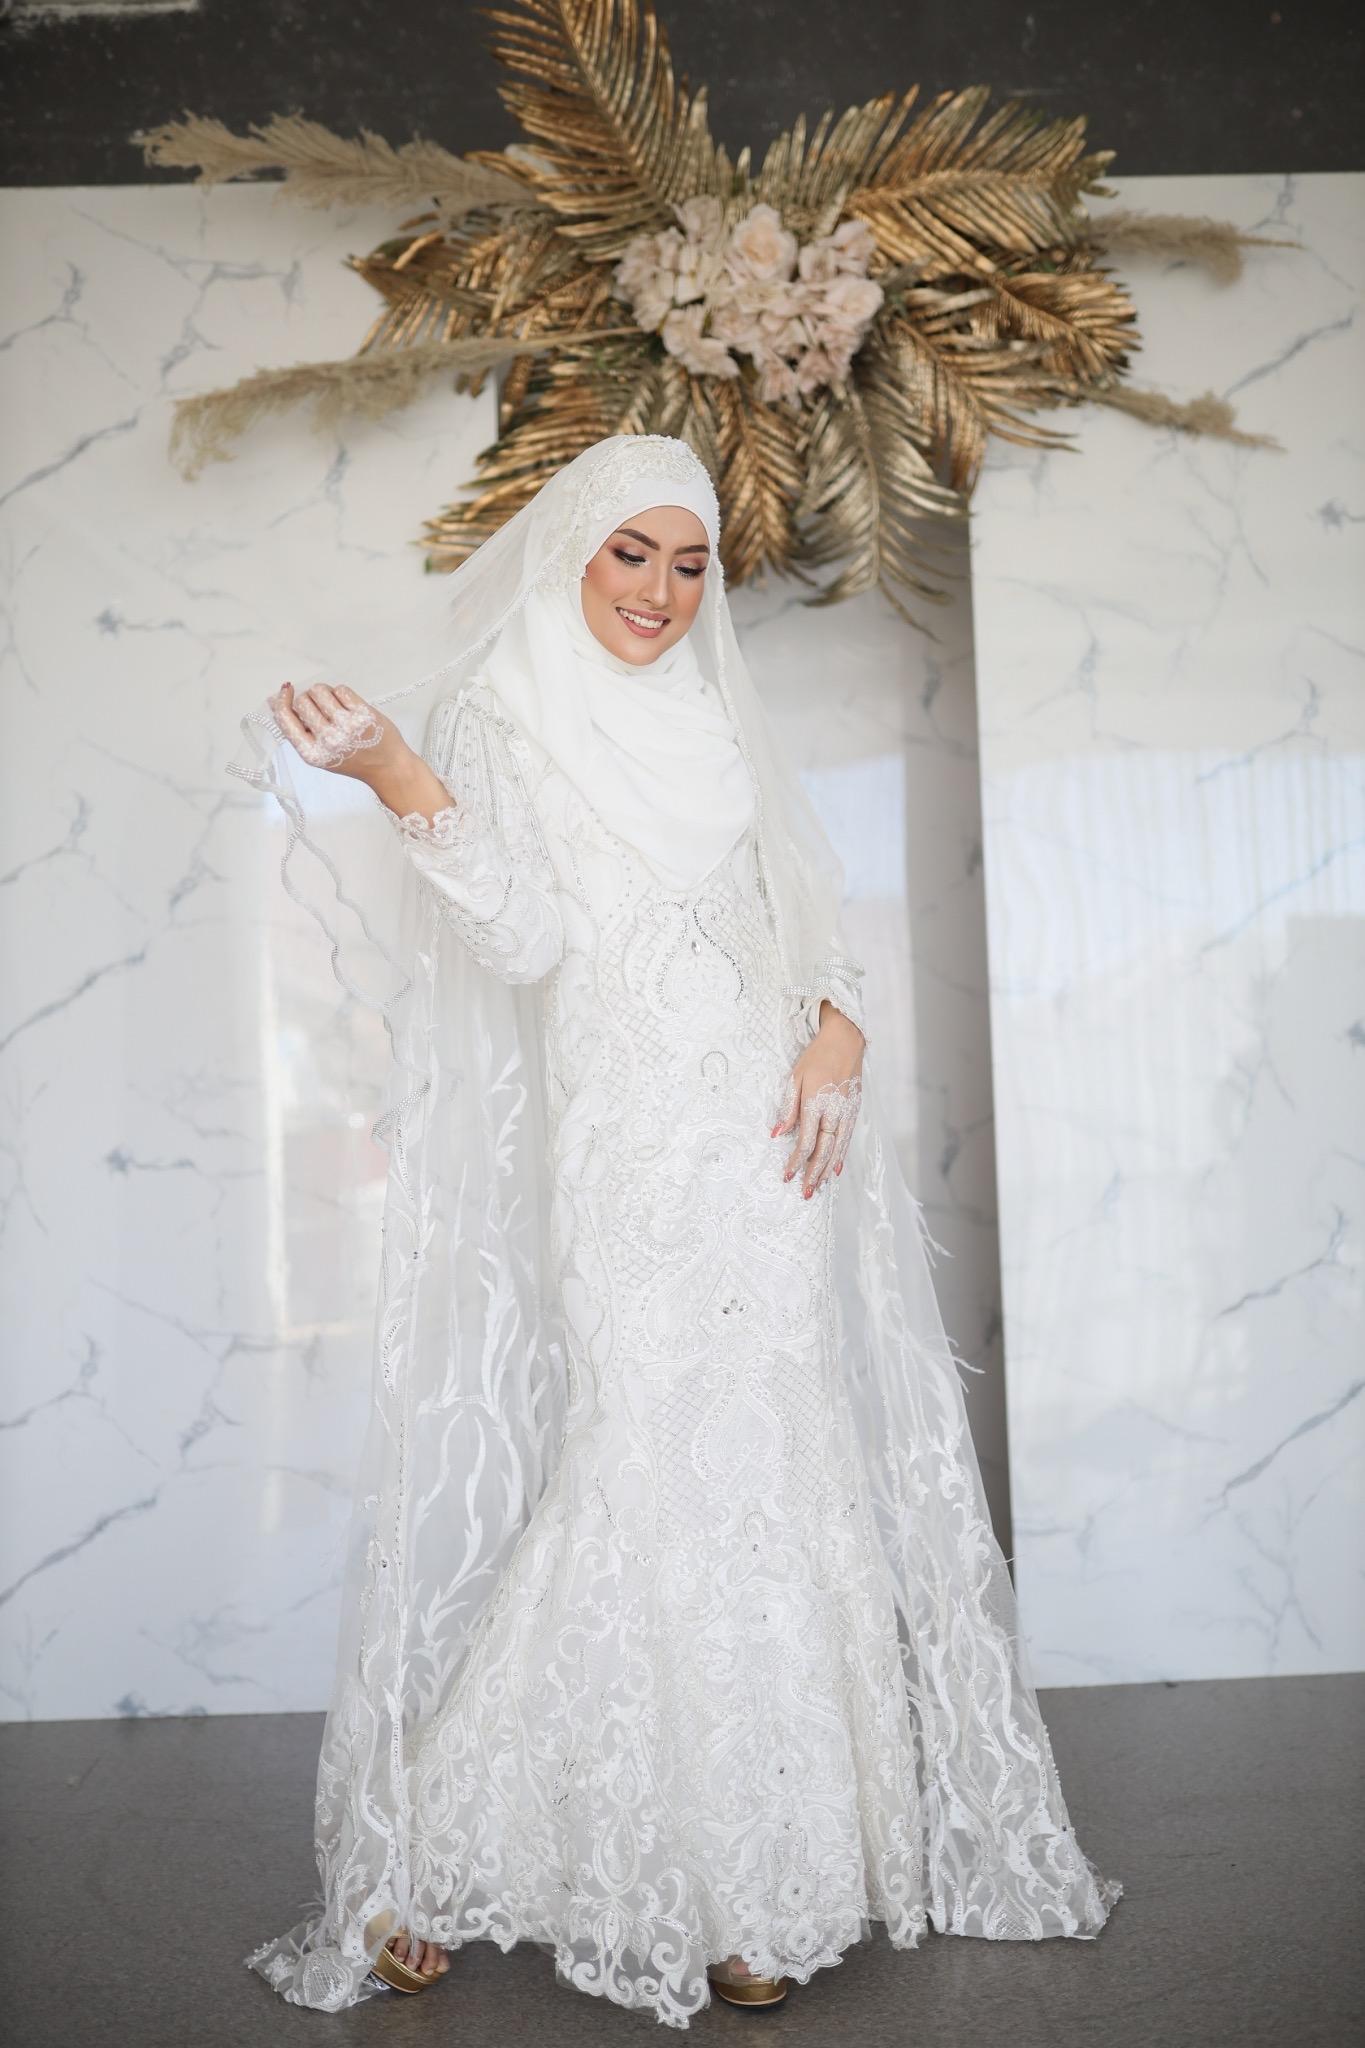 Gaun pengantin muslimah dengan kain tile